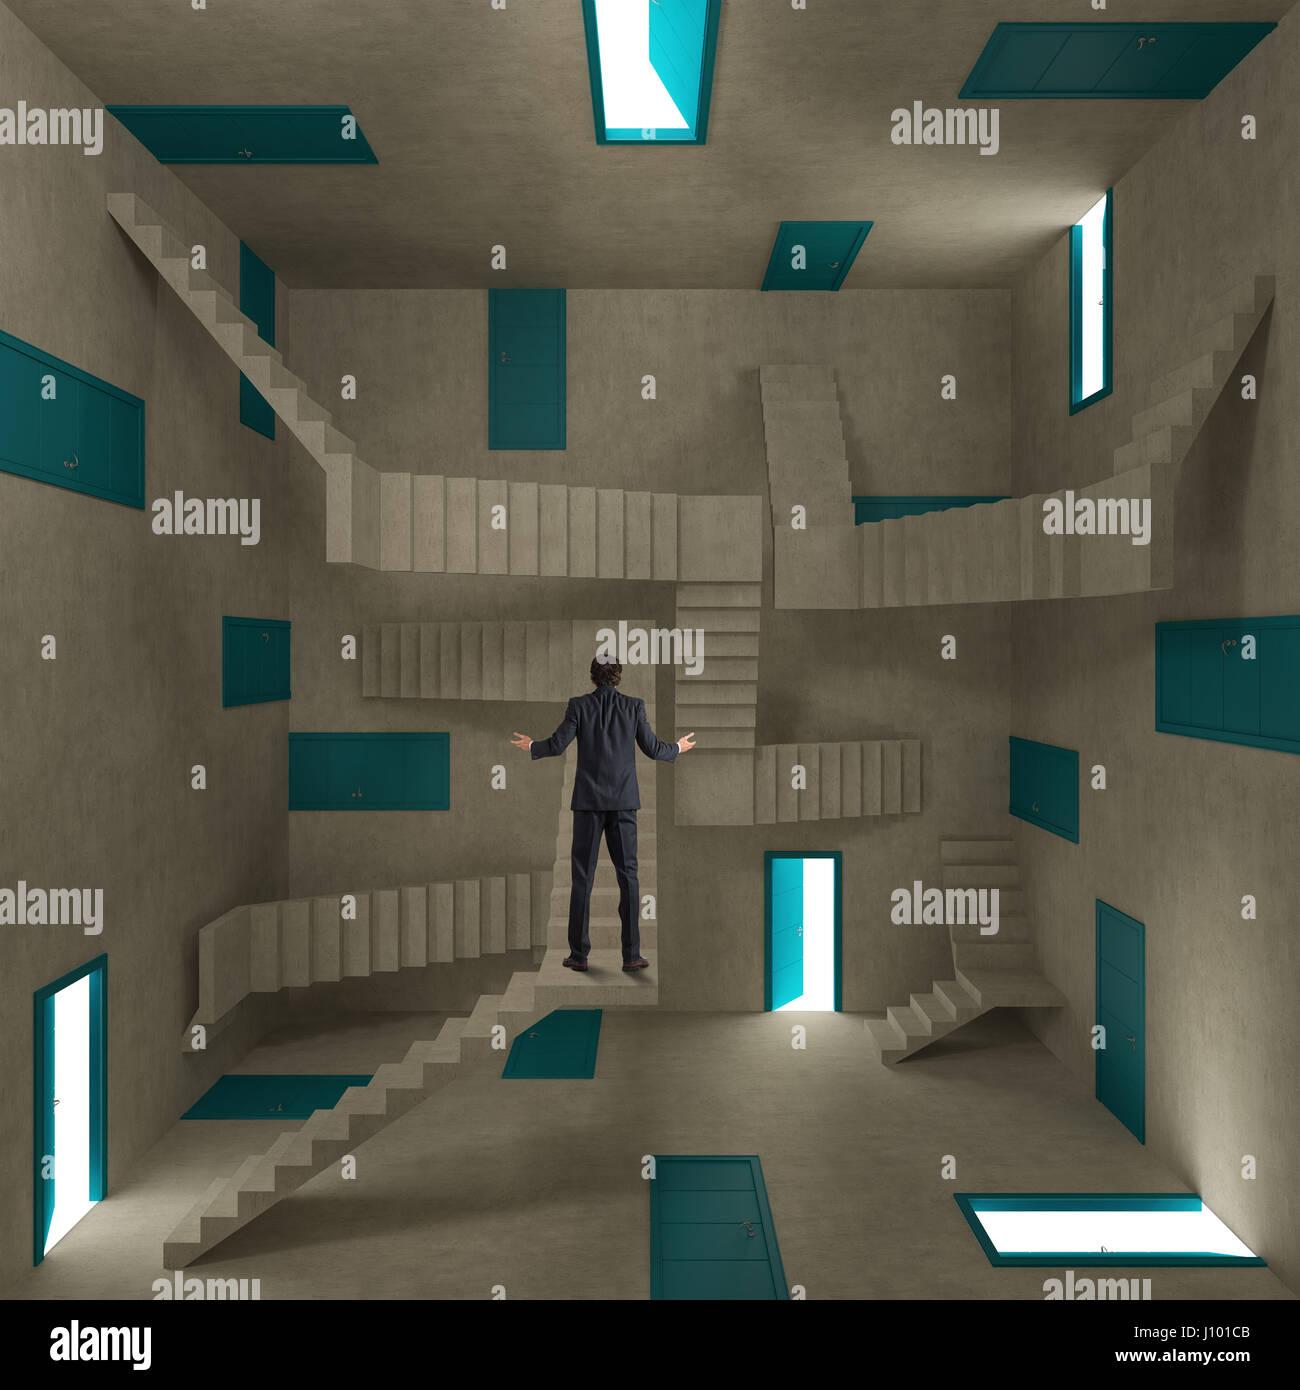 Imprenditore confuso in una stanza piena di porte e scale Immagini Stock